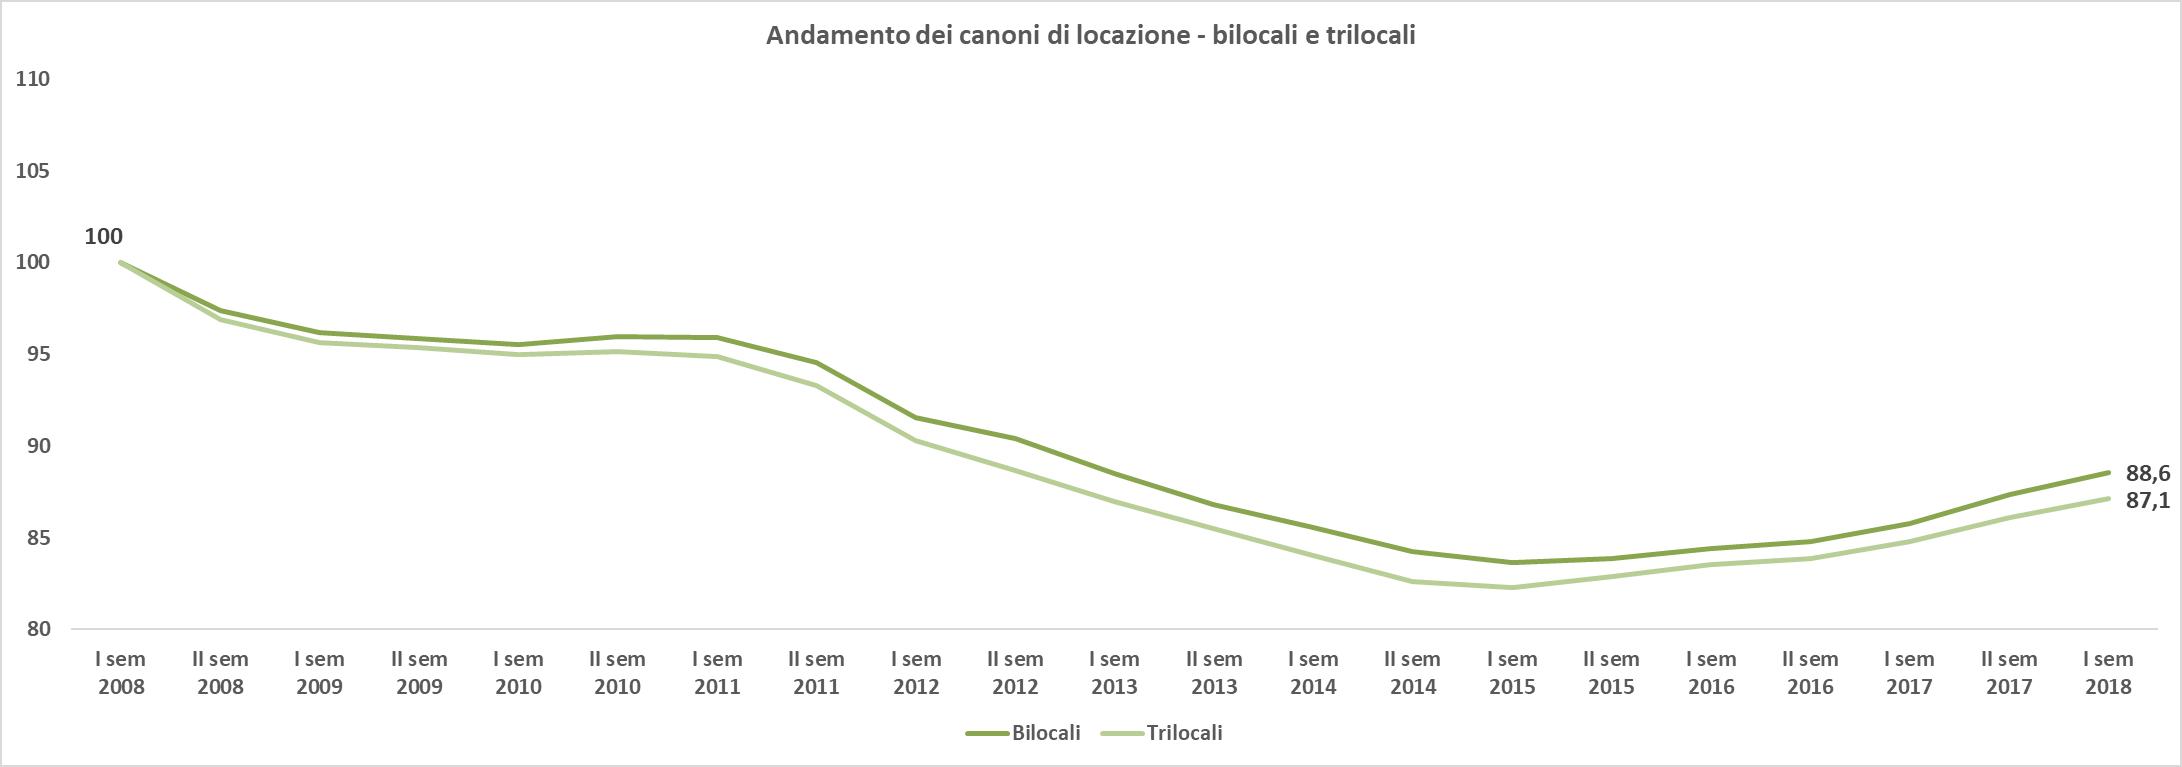 Il mercato delle locazioni dal 2008 a oggi